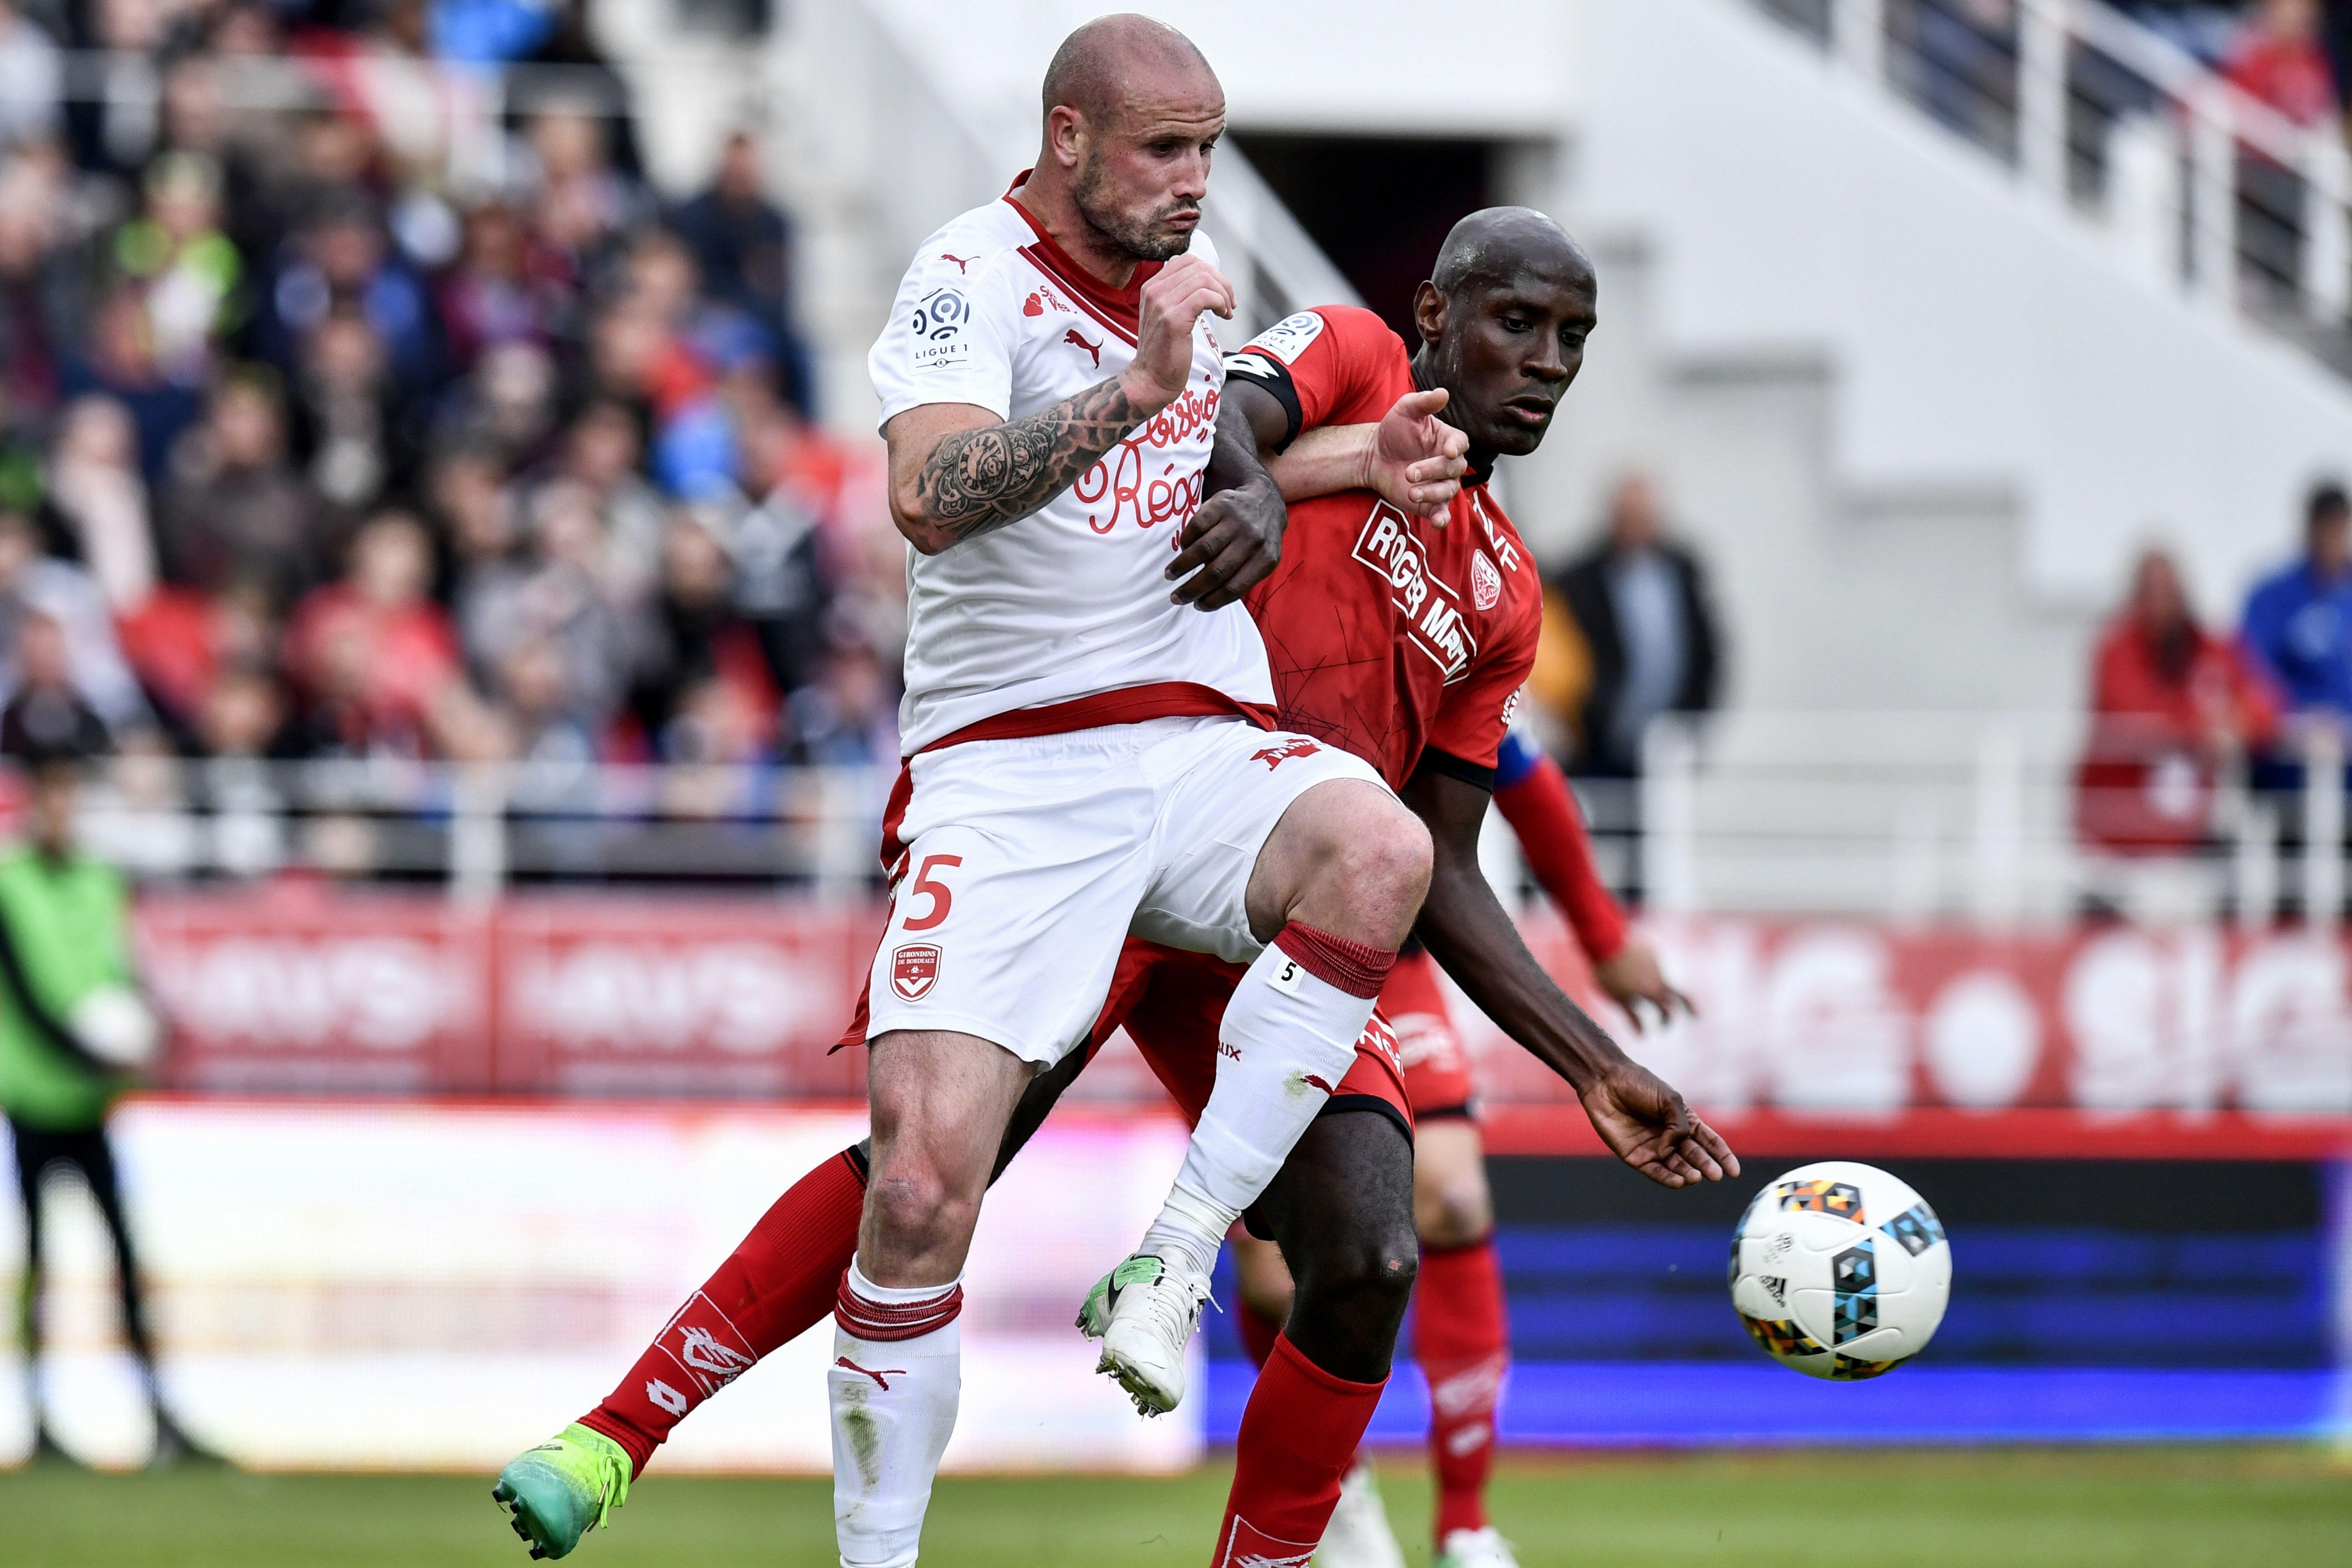 Saint-Étienne - Ligue 1: Saint-Etienne et Bordeaux se neutralisent 2-2